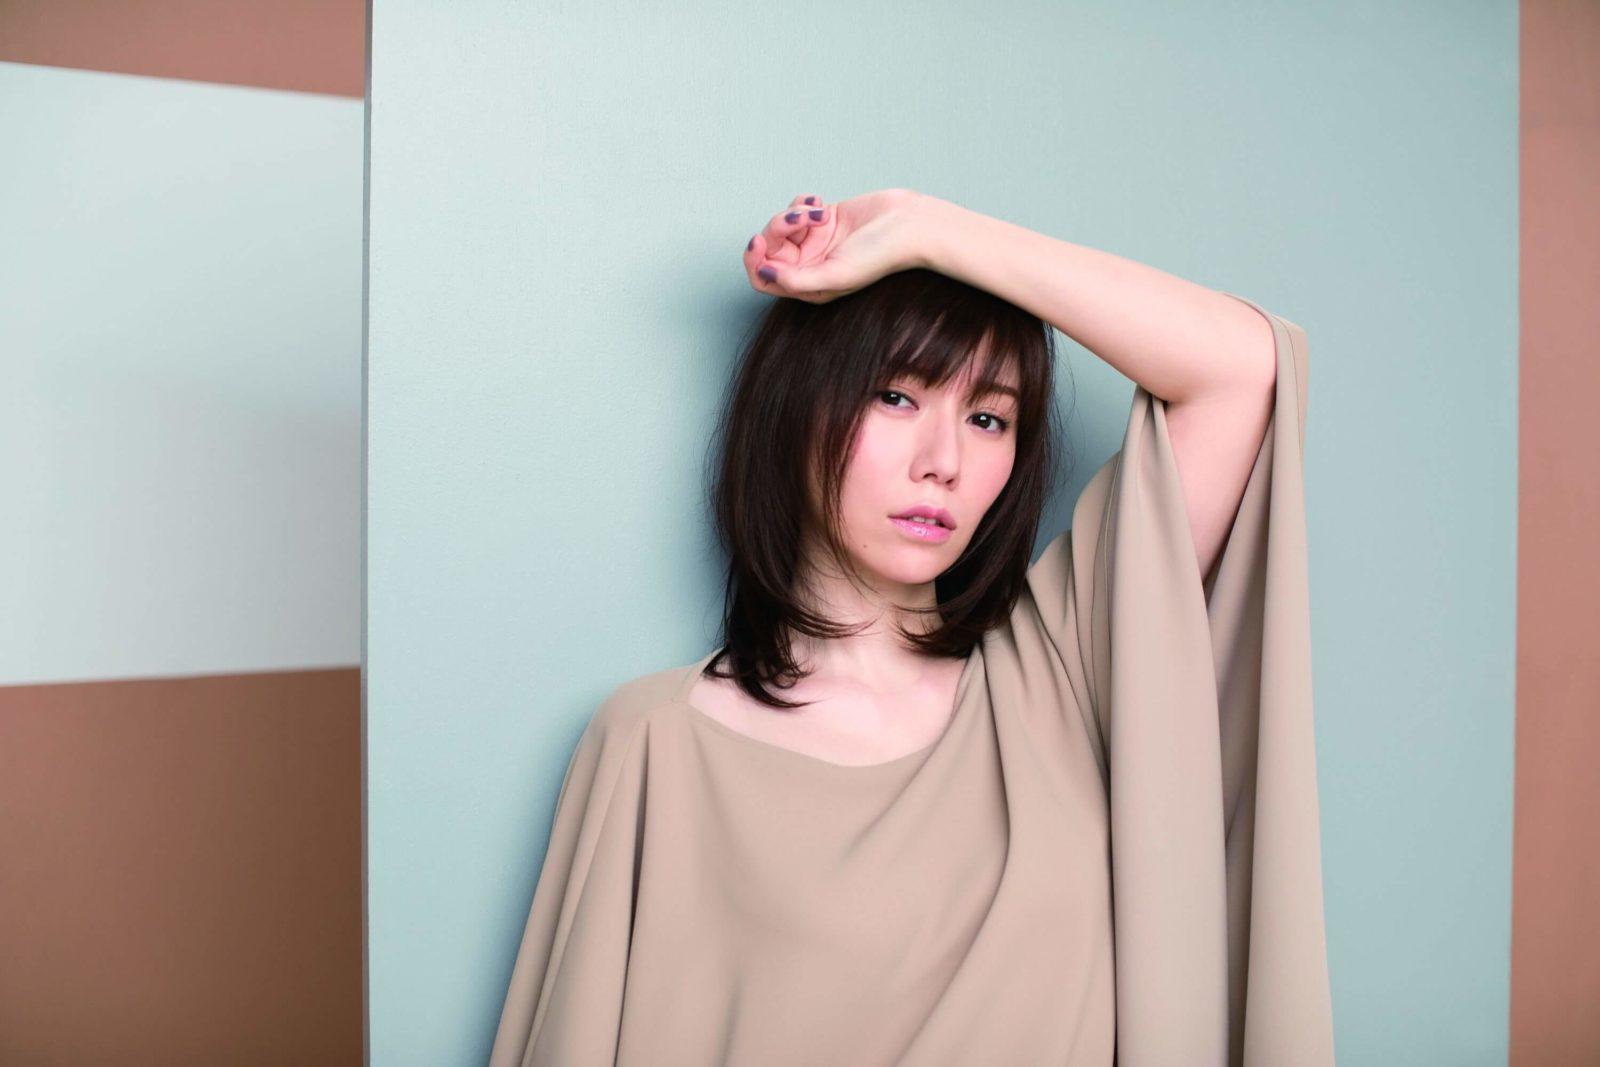 柴田淳、6年ぶりの全国ツアー追加公演決定&ファイナル公演ライブ撮影を敢行サムネイル画像